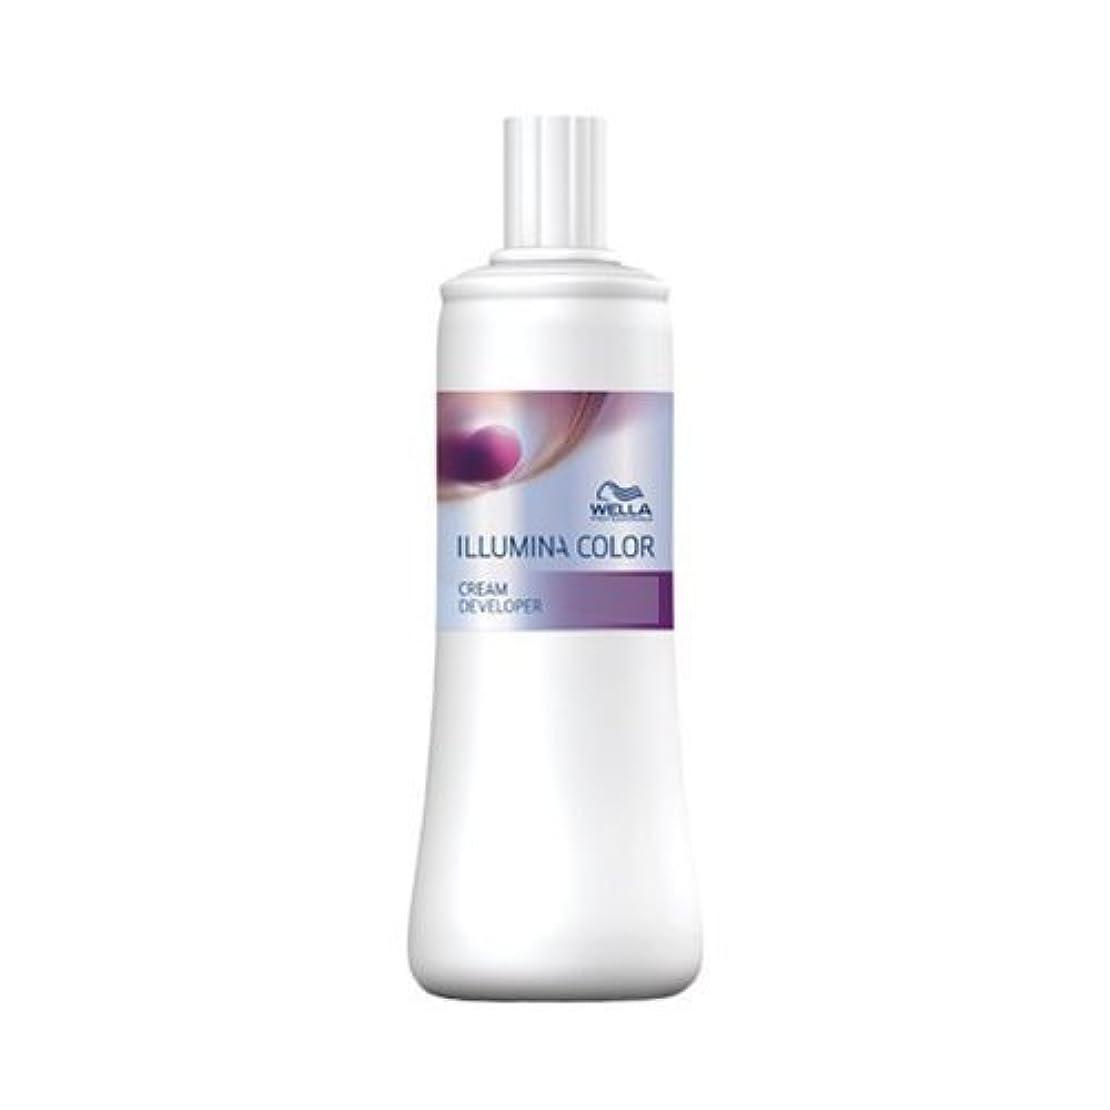 どうやら影響するスコットランド人ウエラ イルミナカラー クリーム ディベロッパー 3% 1000ml(2剤)